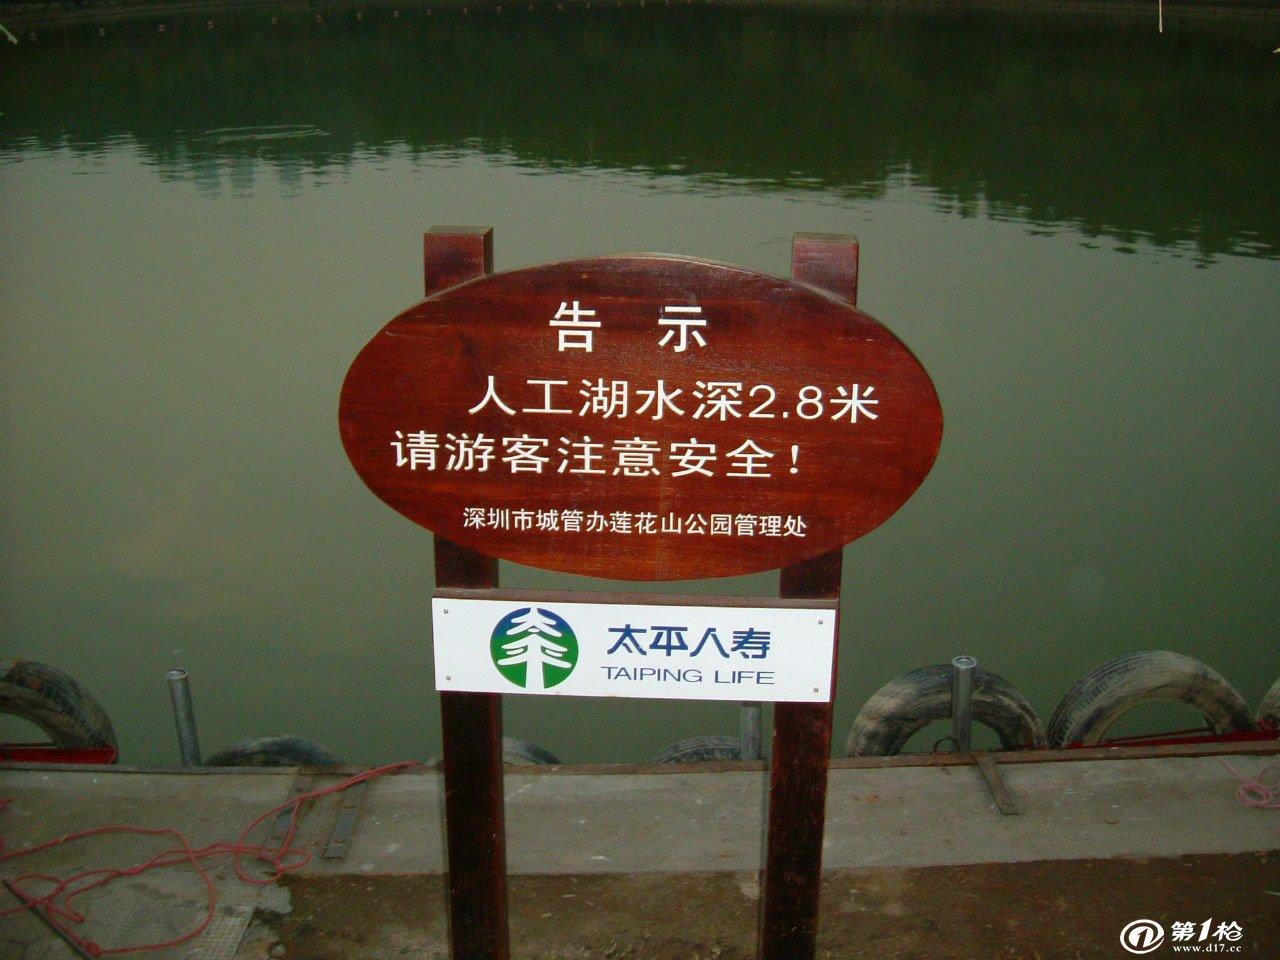 防腐木雕刻字标识牌